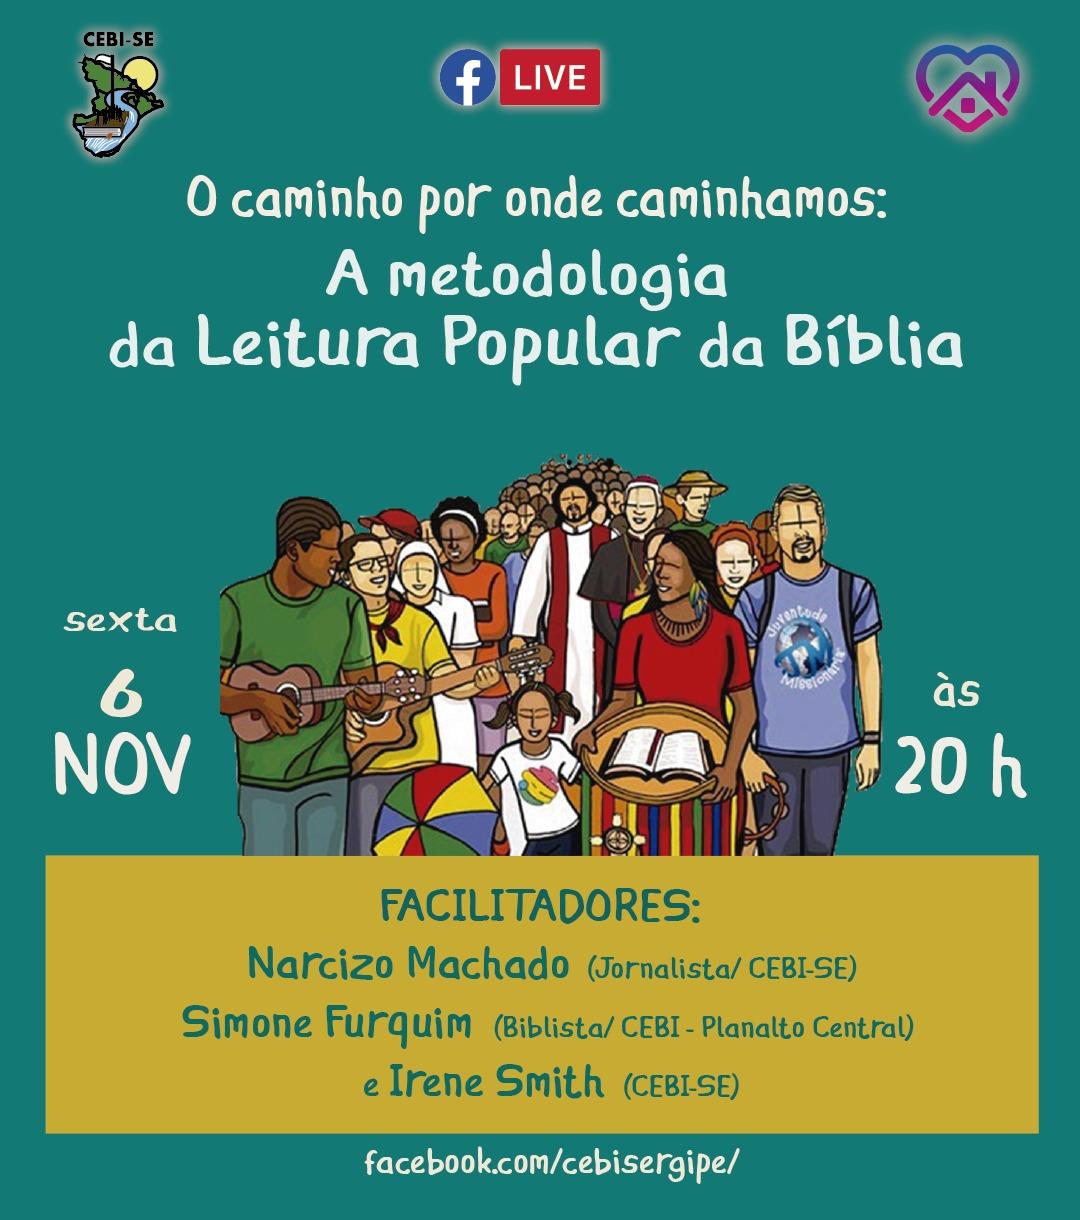 CEBI Sergipe realizará live sobre a metodologia da Leitura Popular da Bíblia